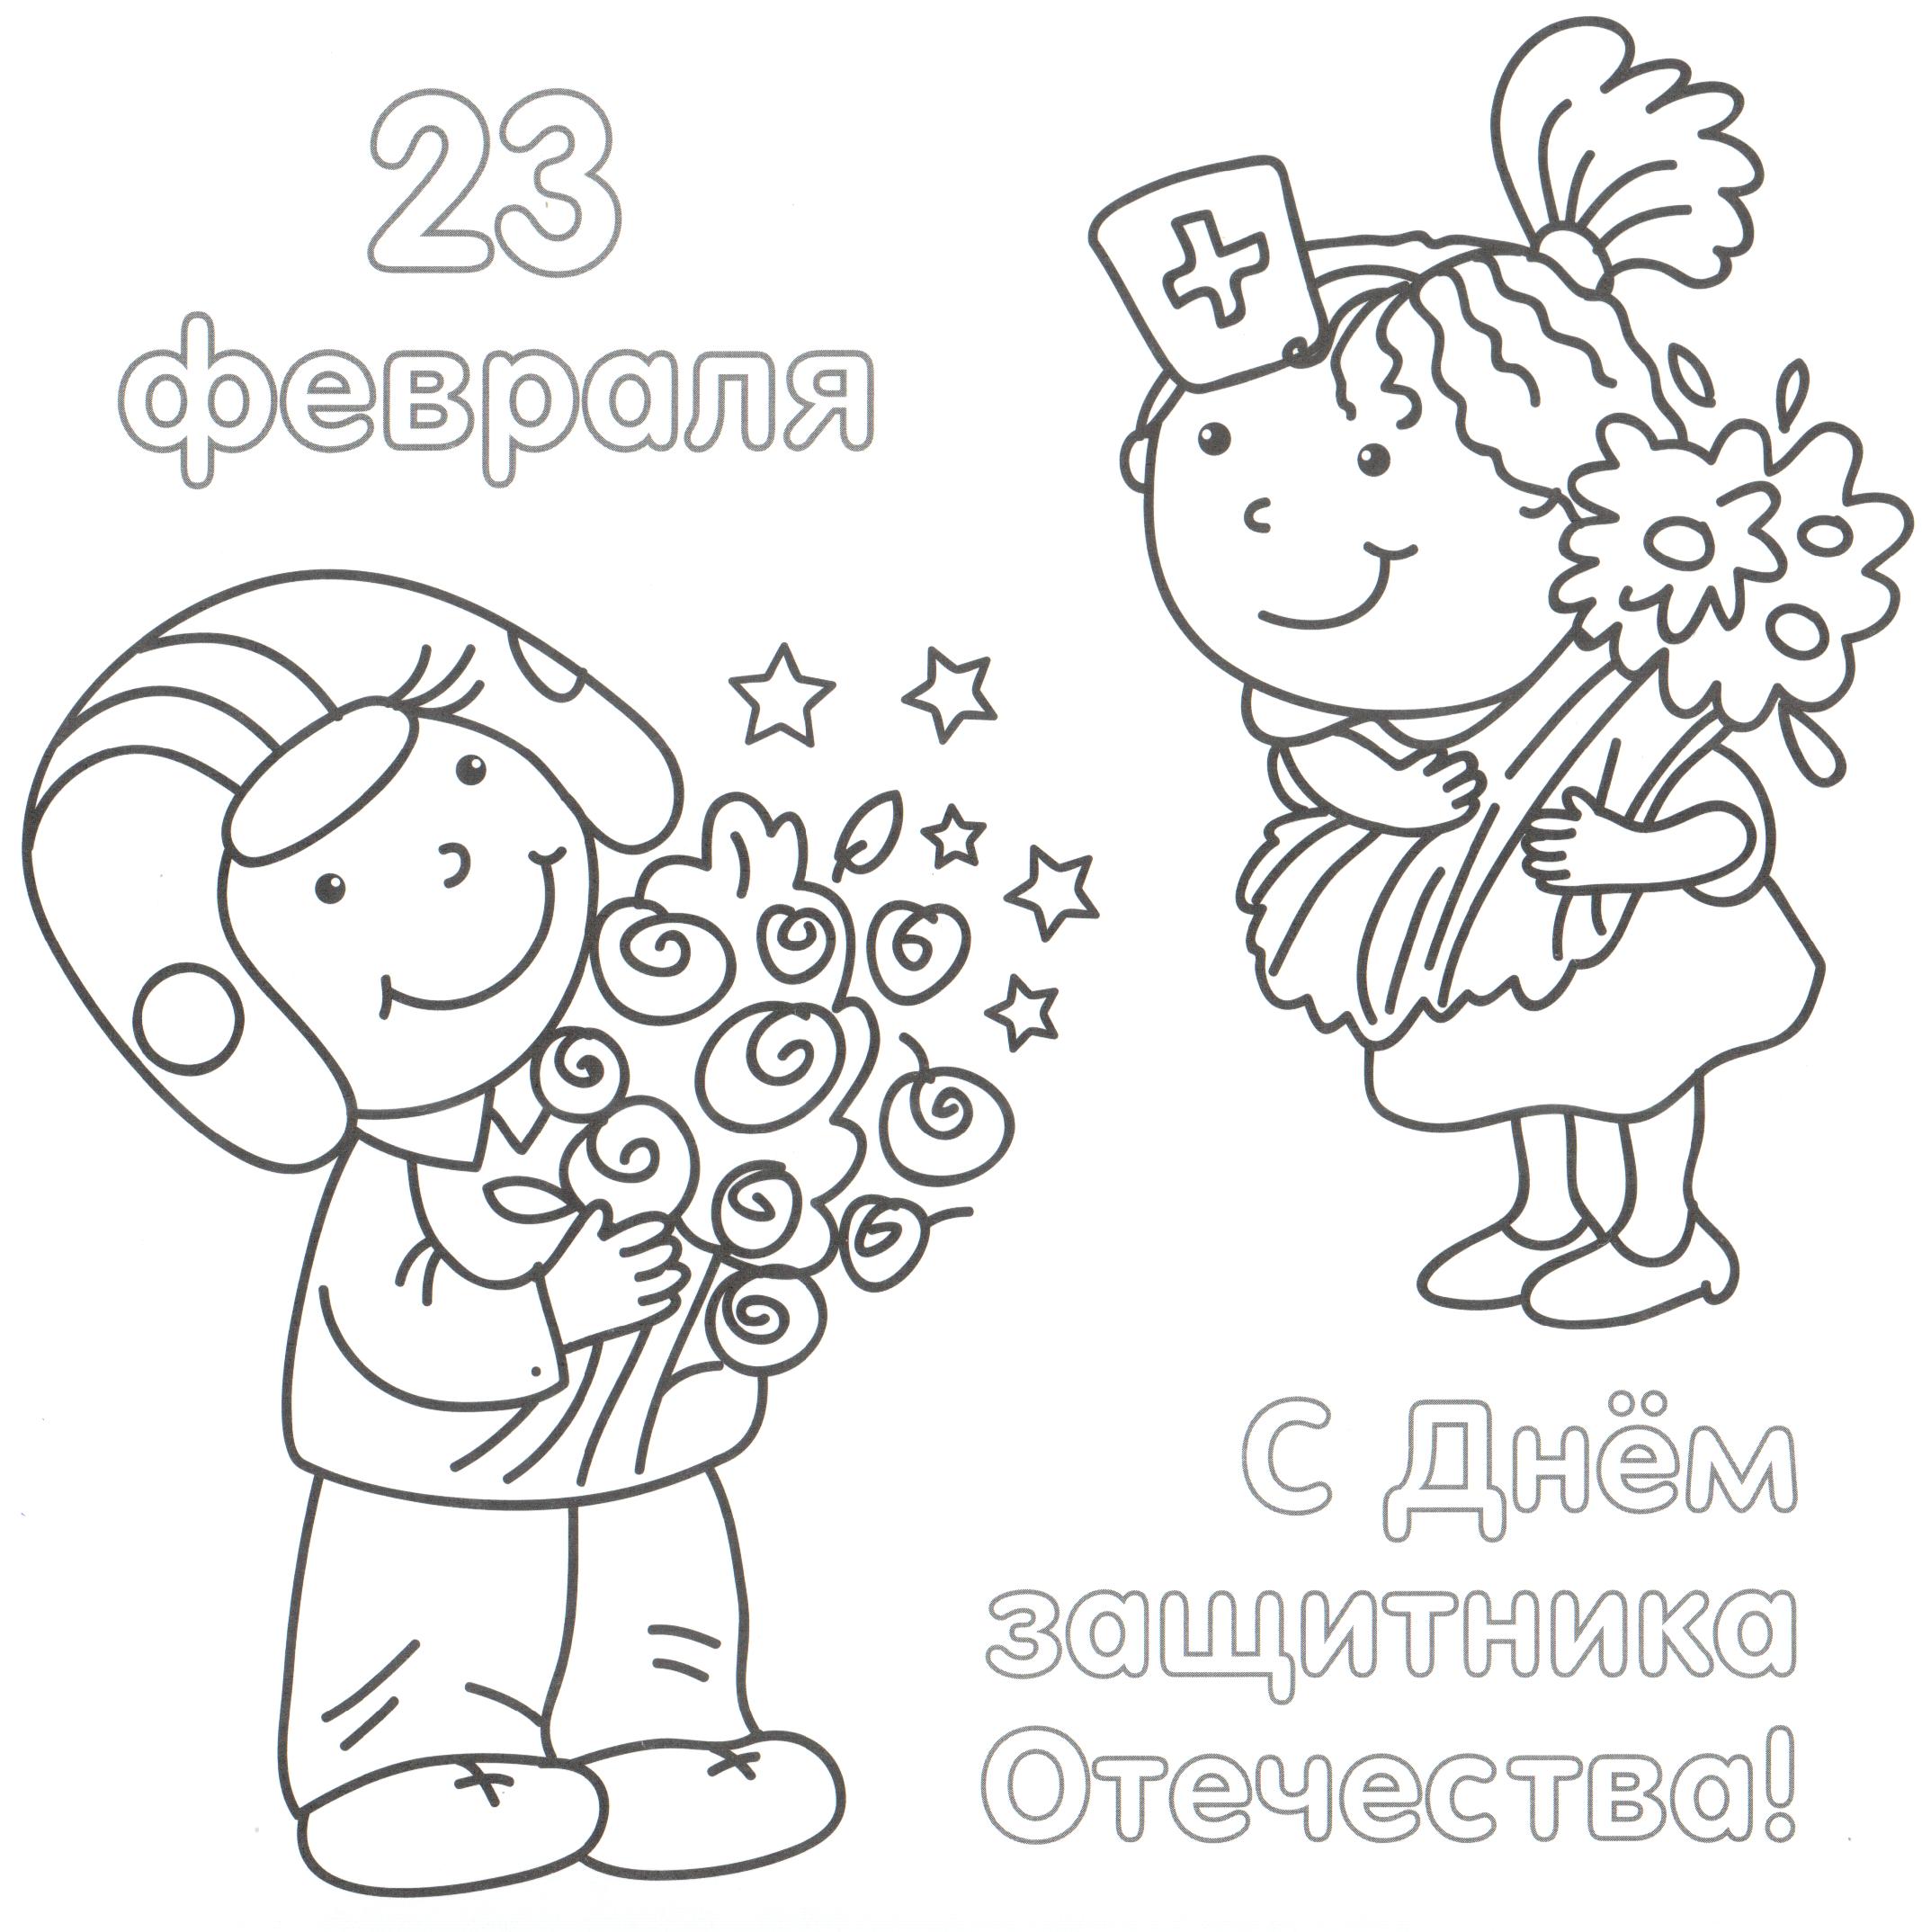 Персональный сайт Булыгиной Валентины Николаевны ...